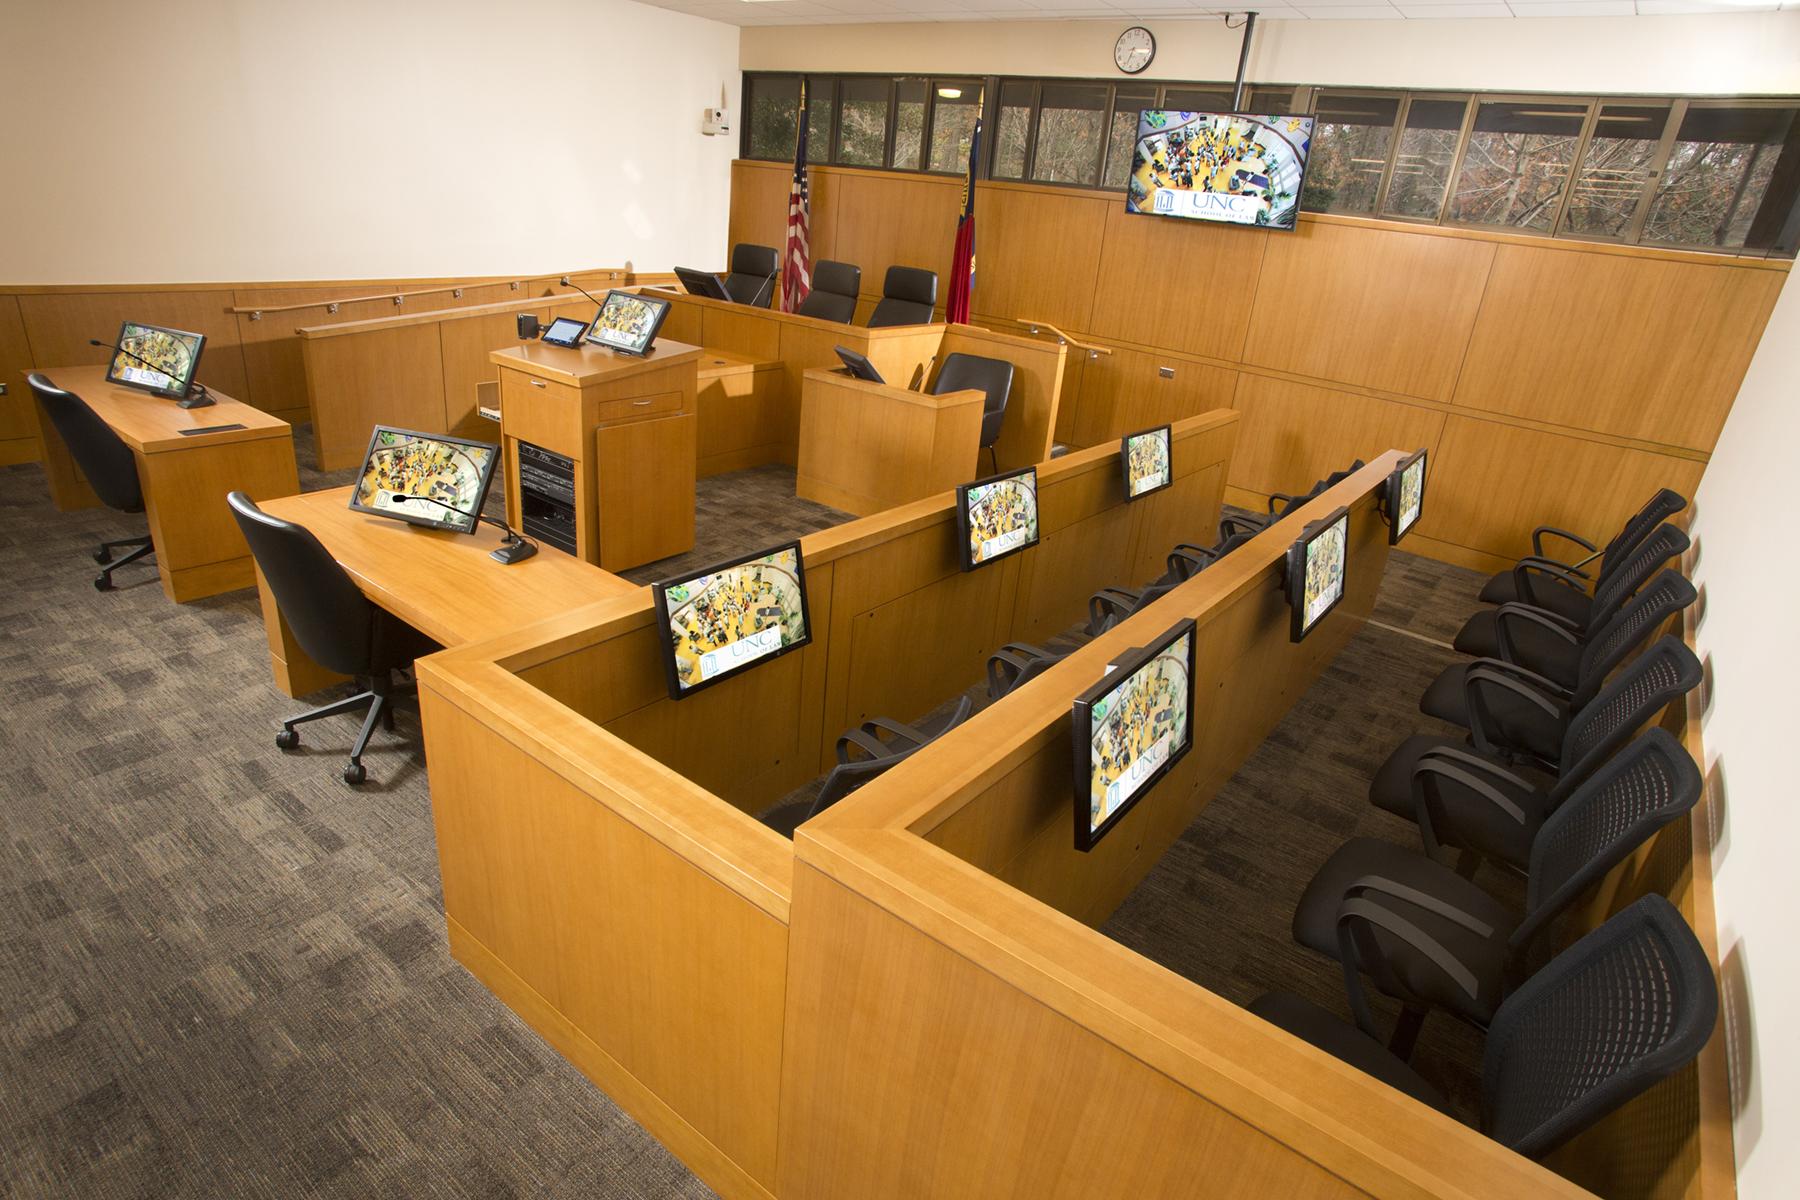 UNC School of Law - Moot Court Room